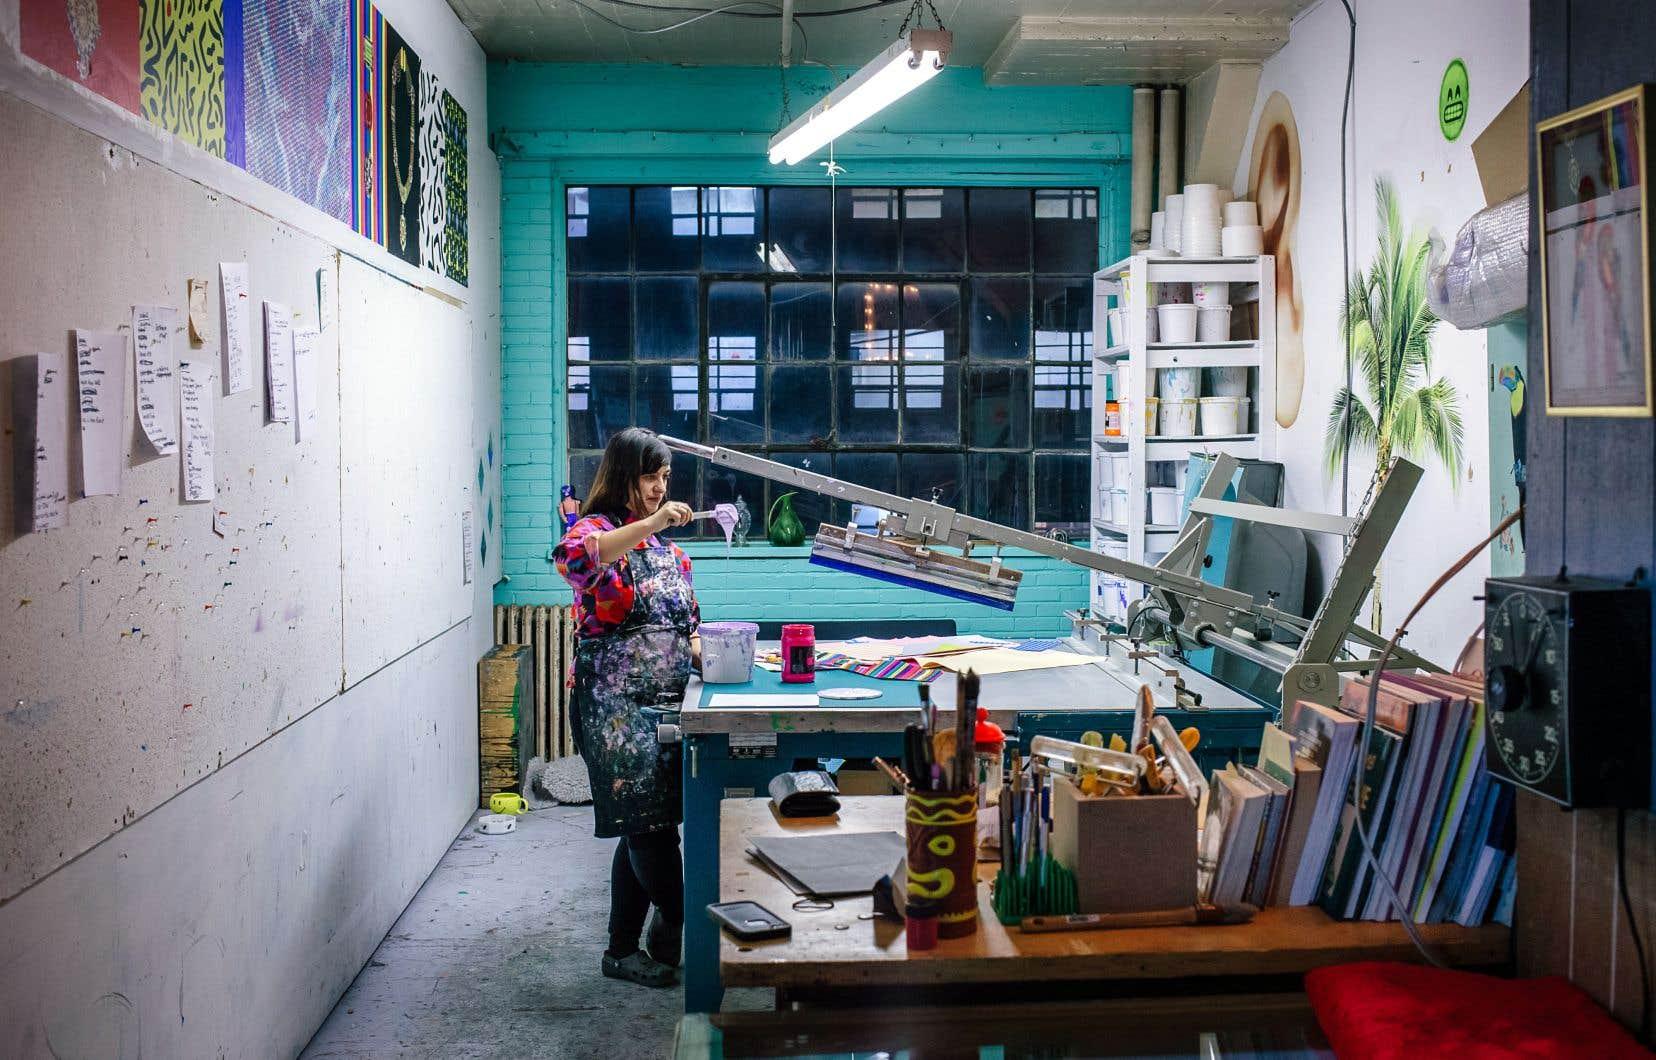 Dominique Pétrin, artiste en arts visuels et porte-parole du mouvement #NosAteliers, dans son atelier situé au coin de Beaubien et Durocher